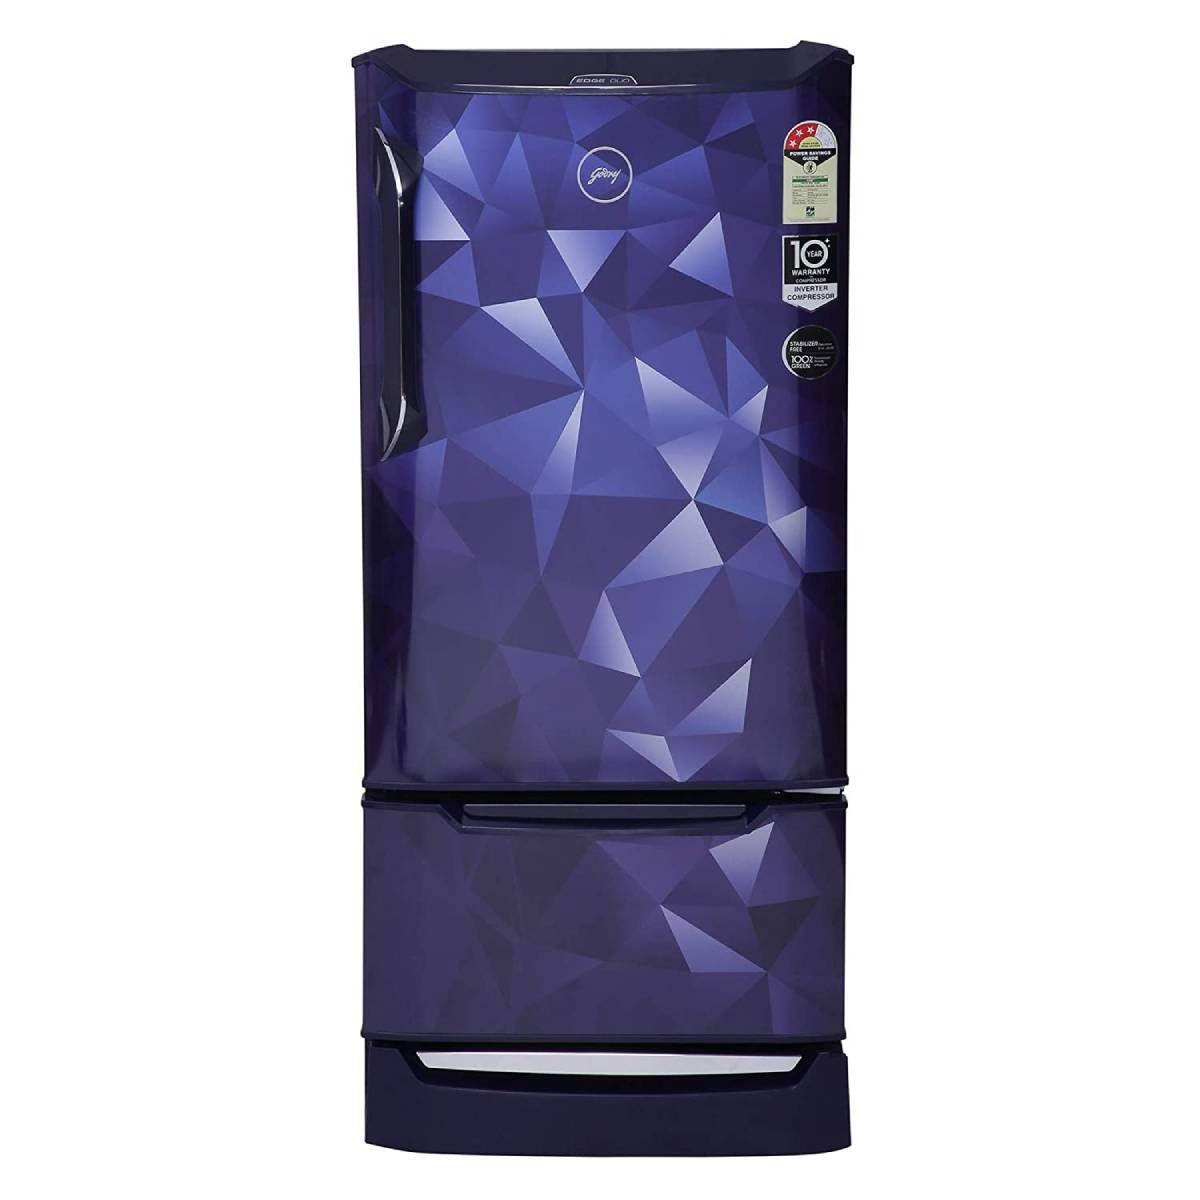 கோத்ரெஜ் 205 L 3 Star Direct-Cool Single Door Refrigerator (RD EDGEDUO 220C 33 TDI PS BL)